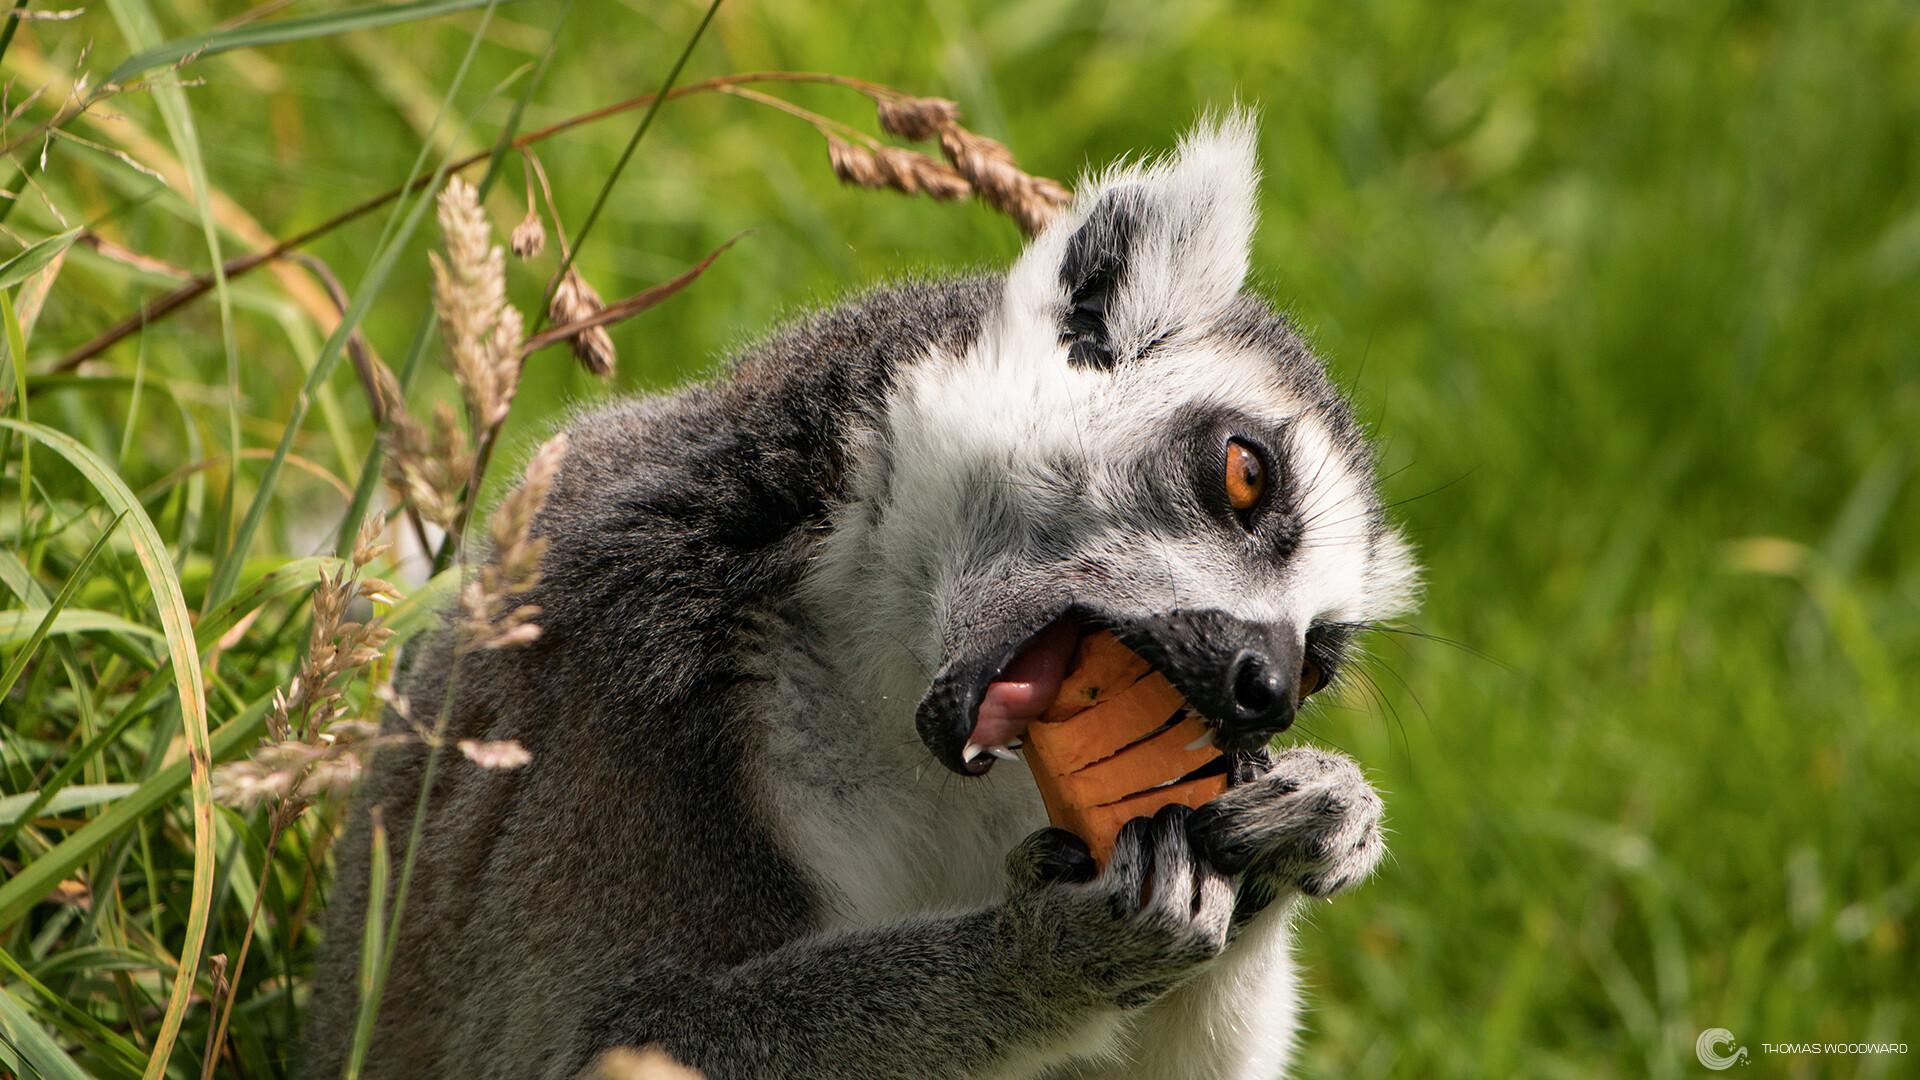 Thomas woodward wildlife park 41